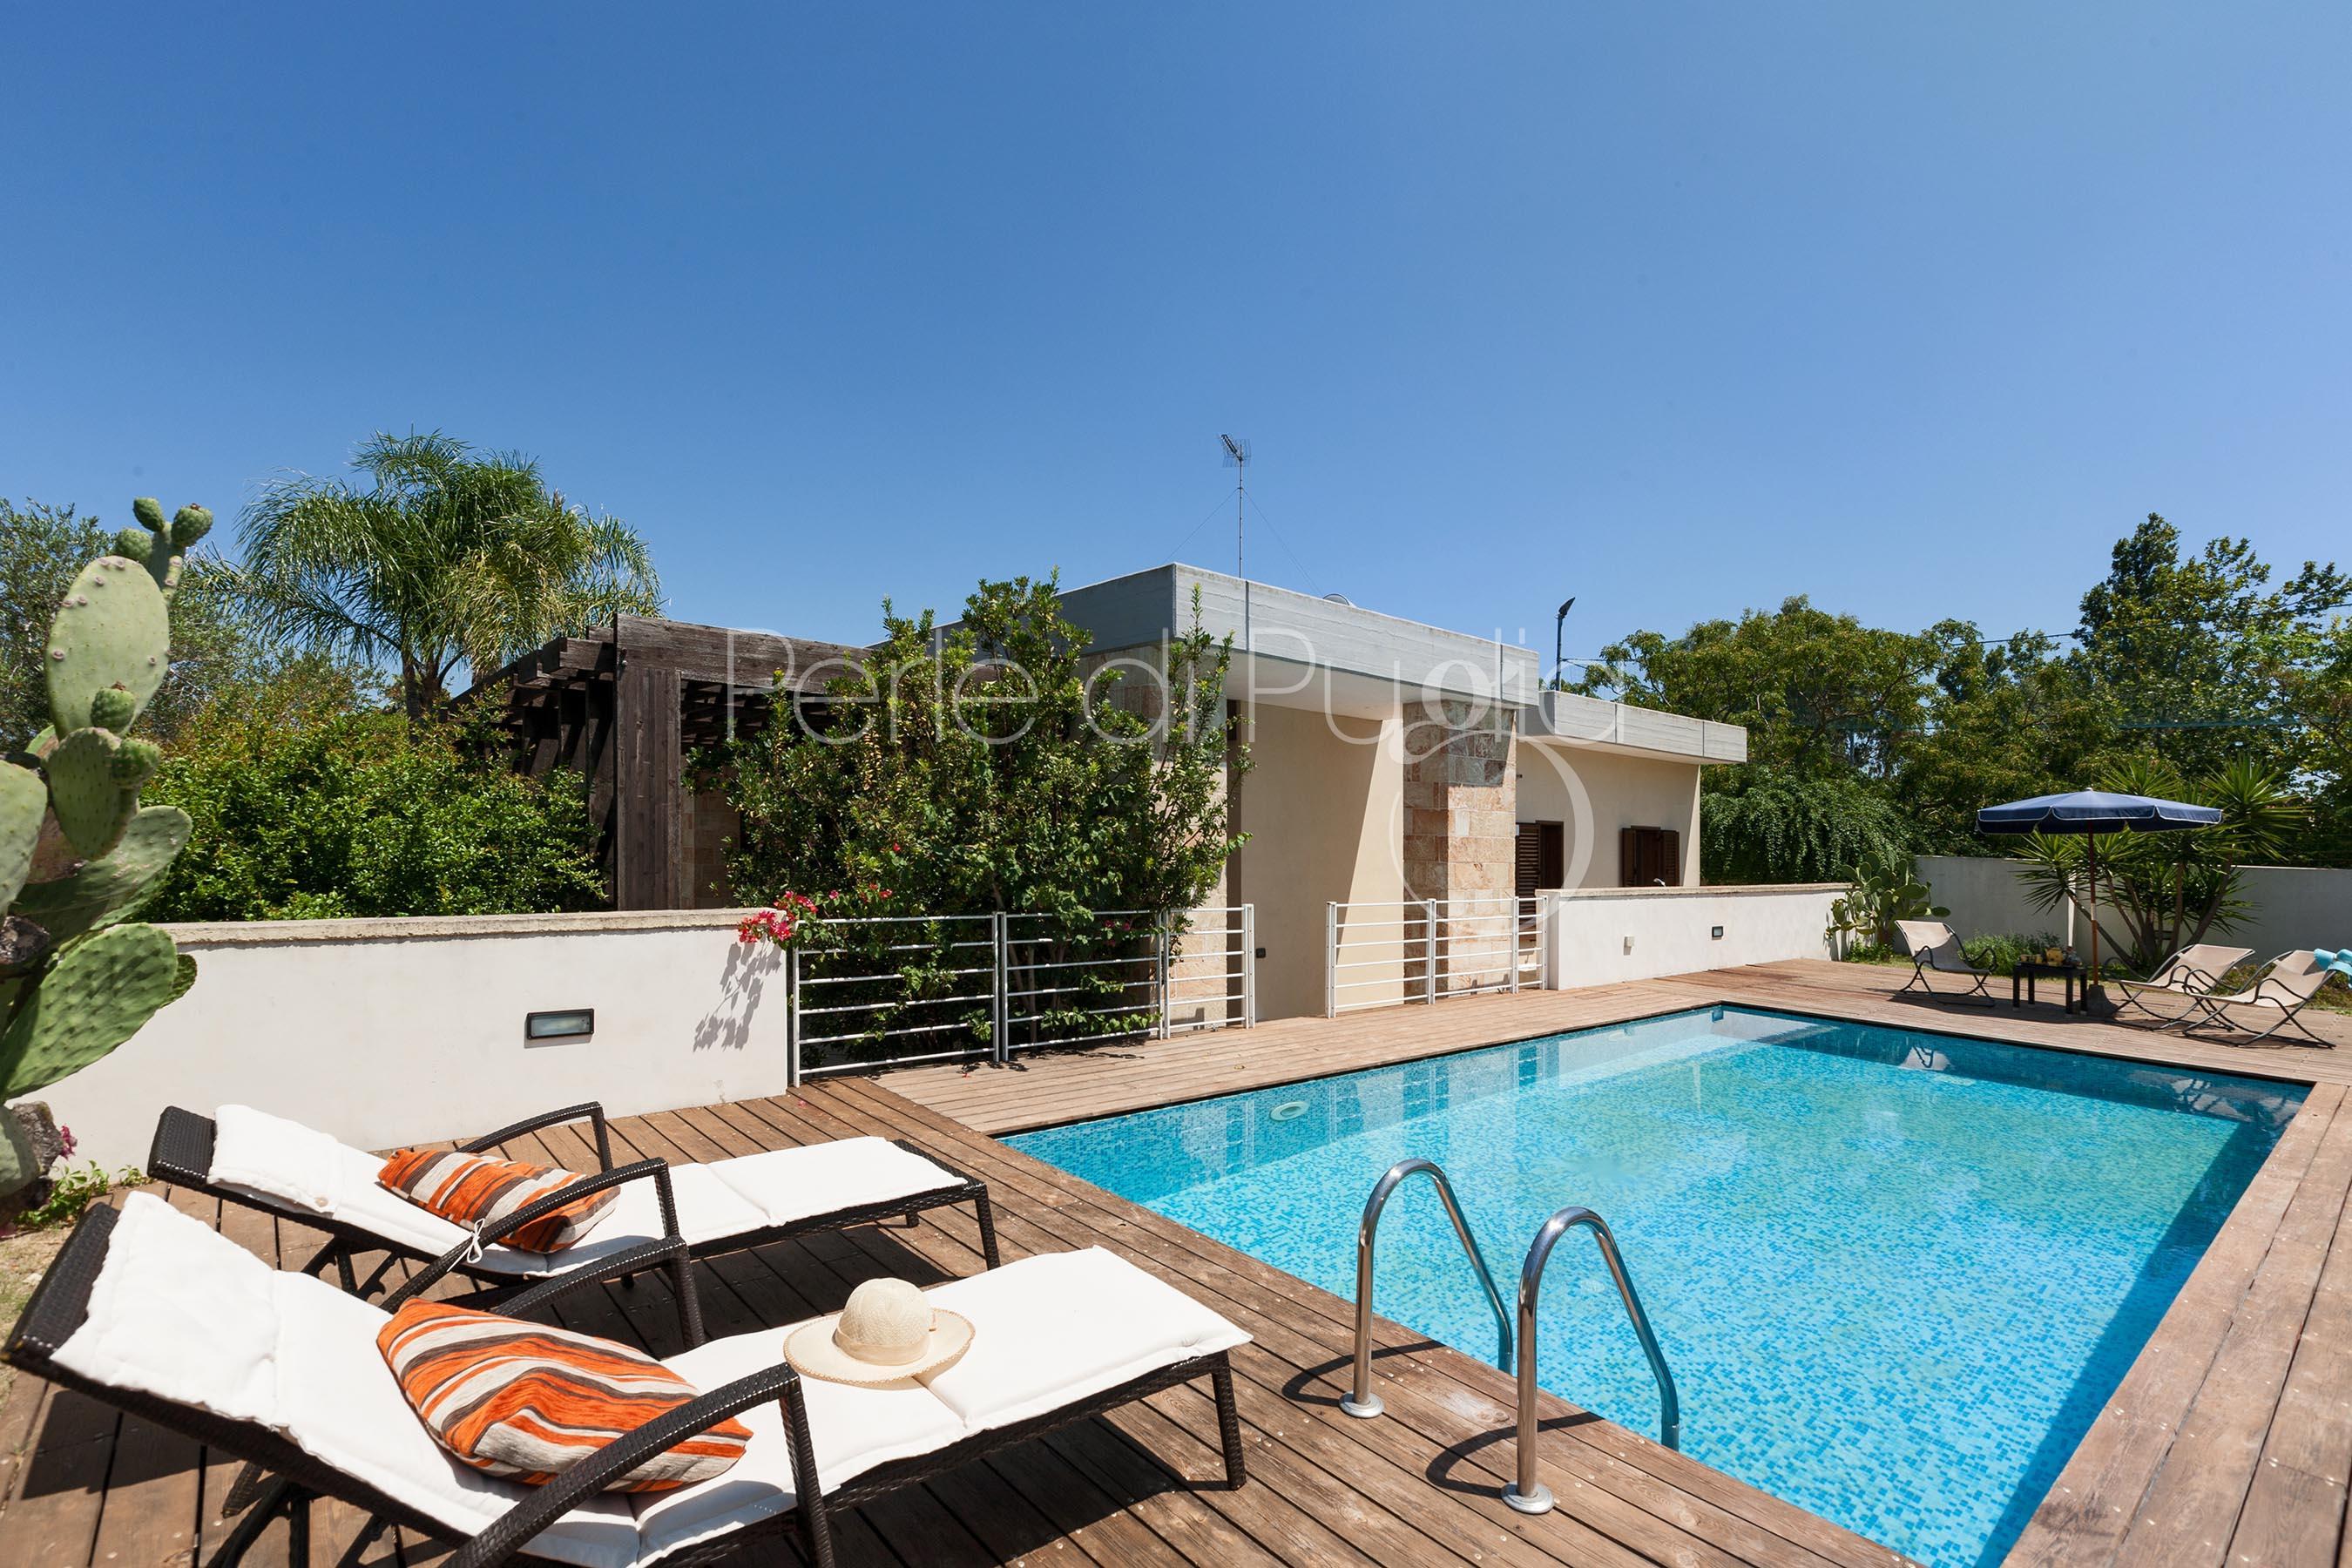 Villa con piscina in affitto a torre dell orso villa cala - Villa con piscina salento ...